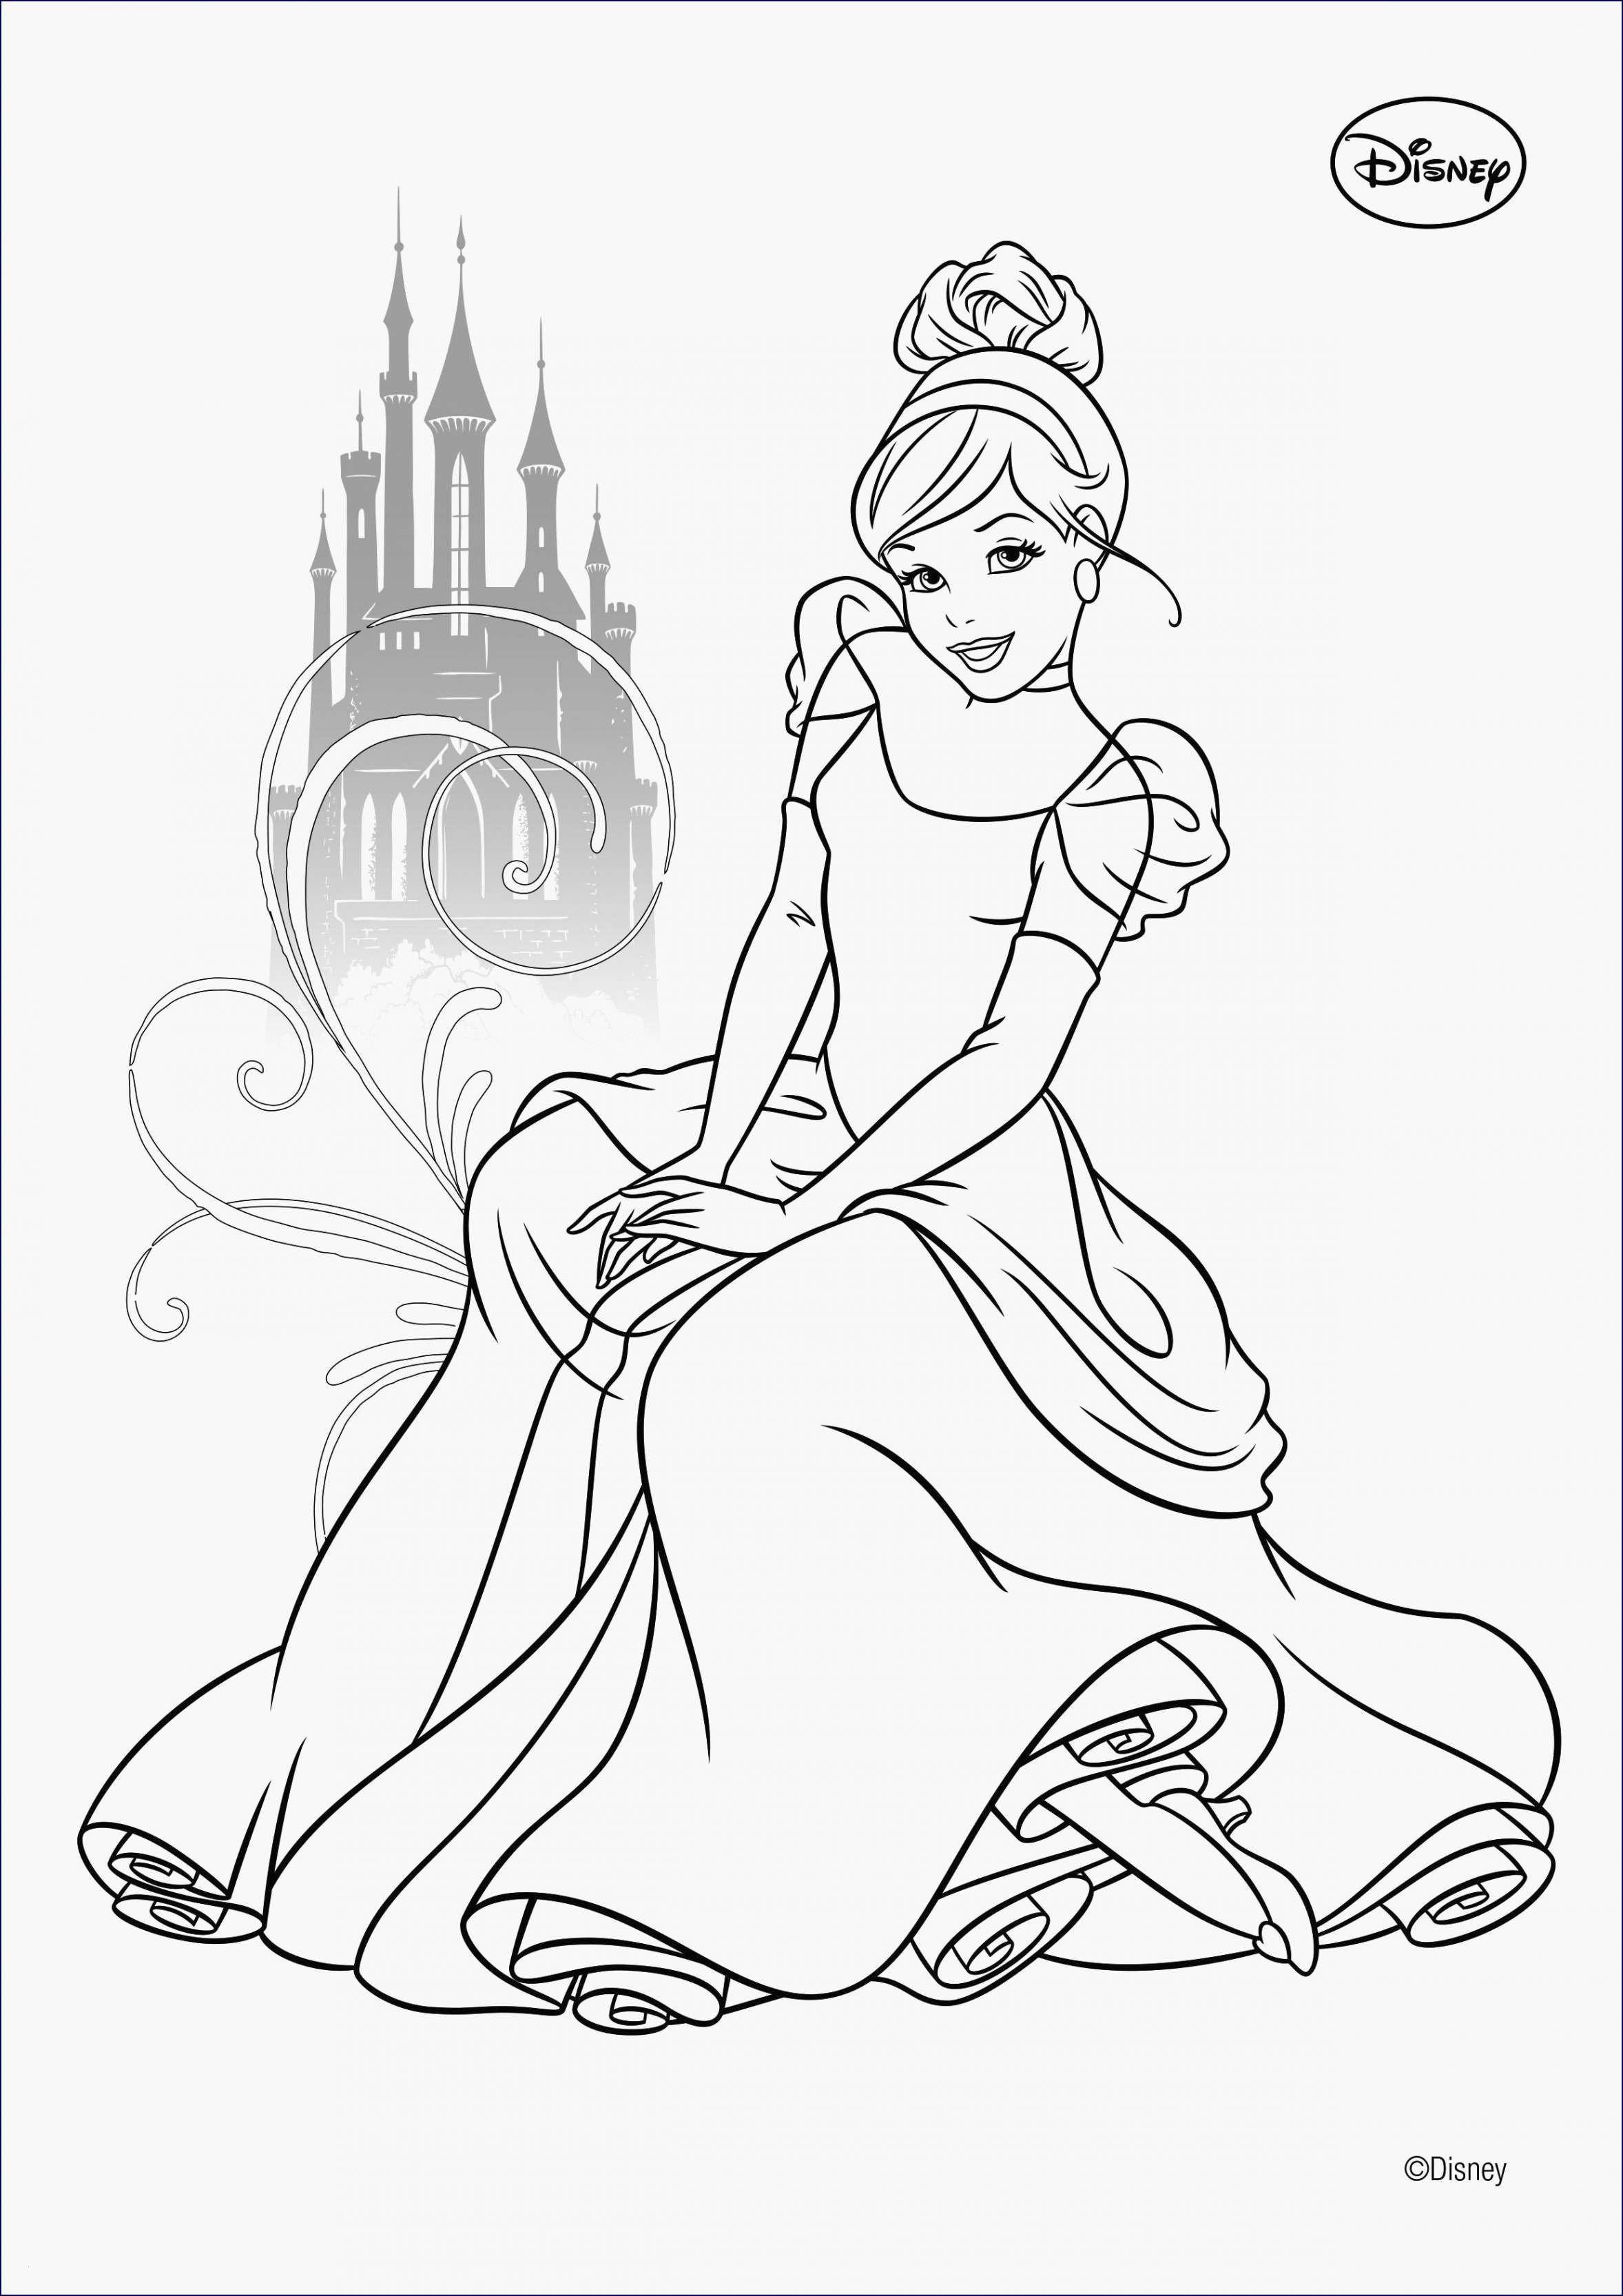 Ausmalbilder Anna Und Elsa Drucken Das Beste Von Ausmalbilder Anna Und Elsa Drucken Schön Frozen Princess Printable Fotografieren